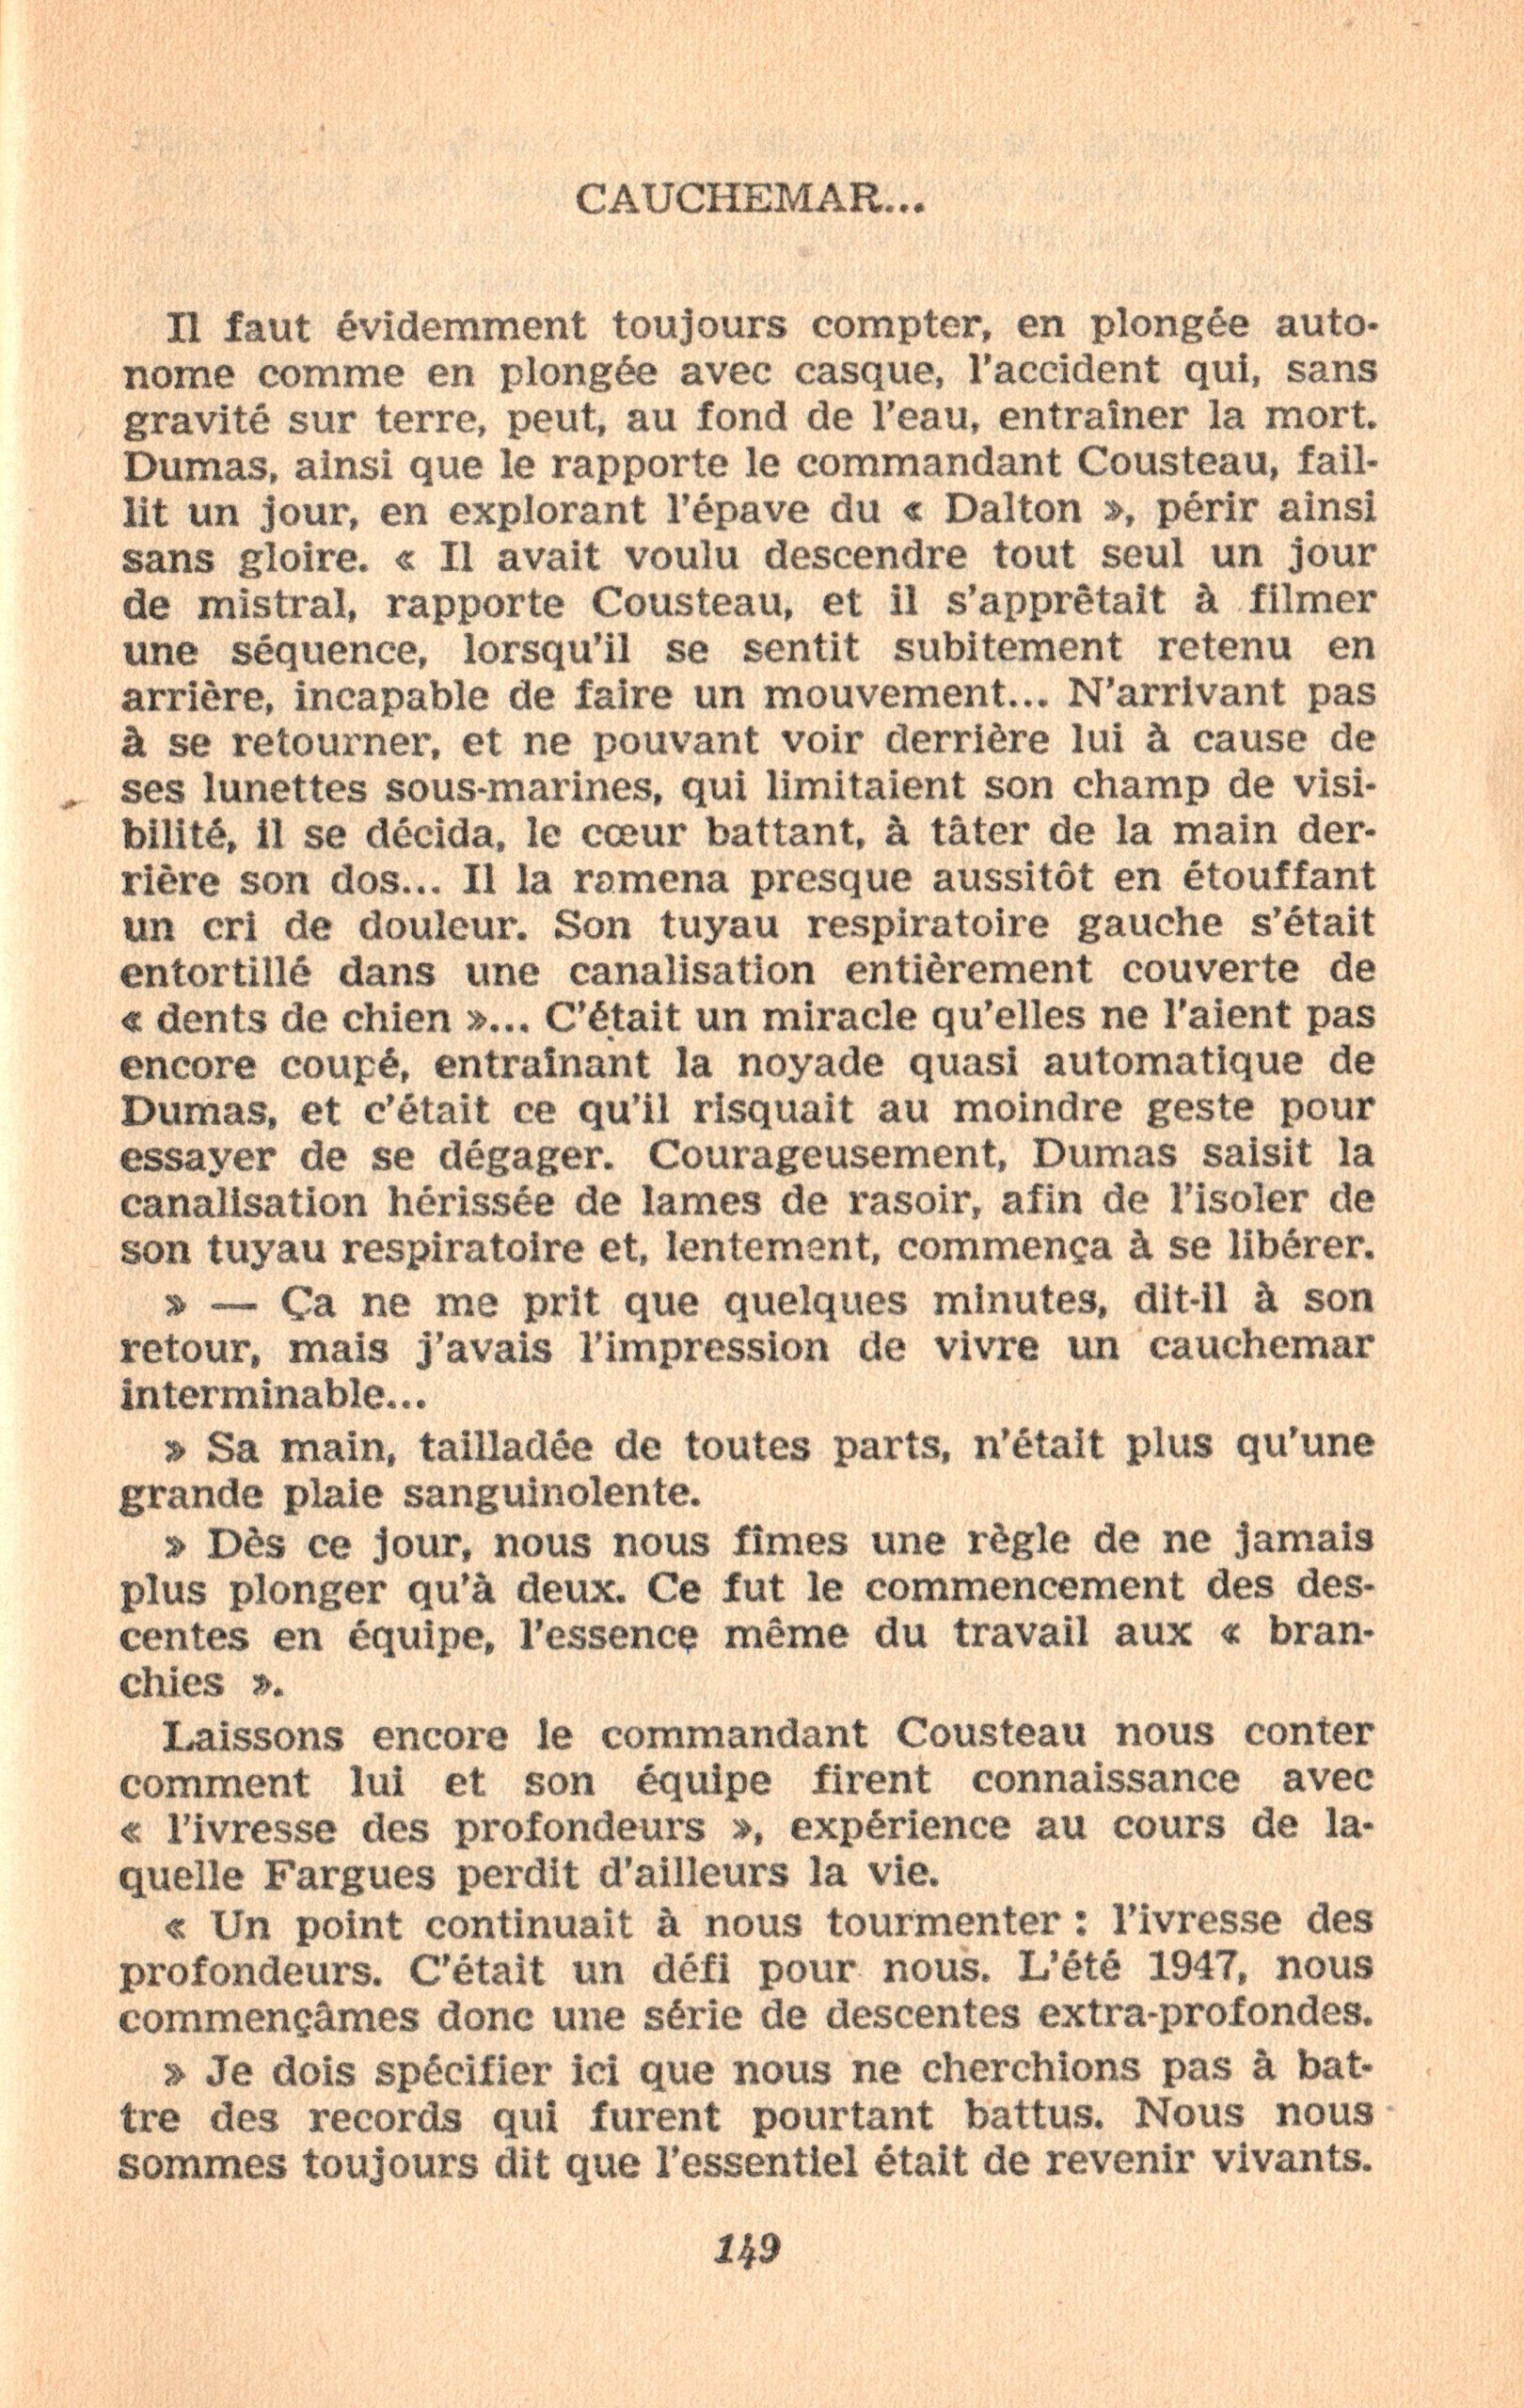 p149, La conquête des fonds sous-marins, marabout chercheur